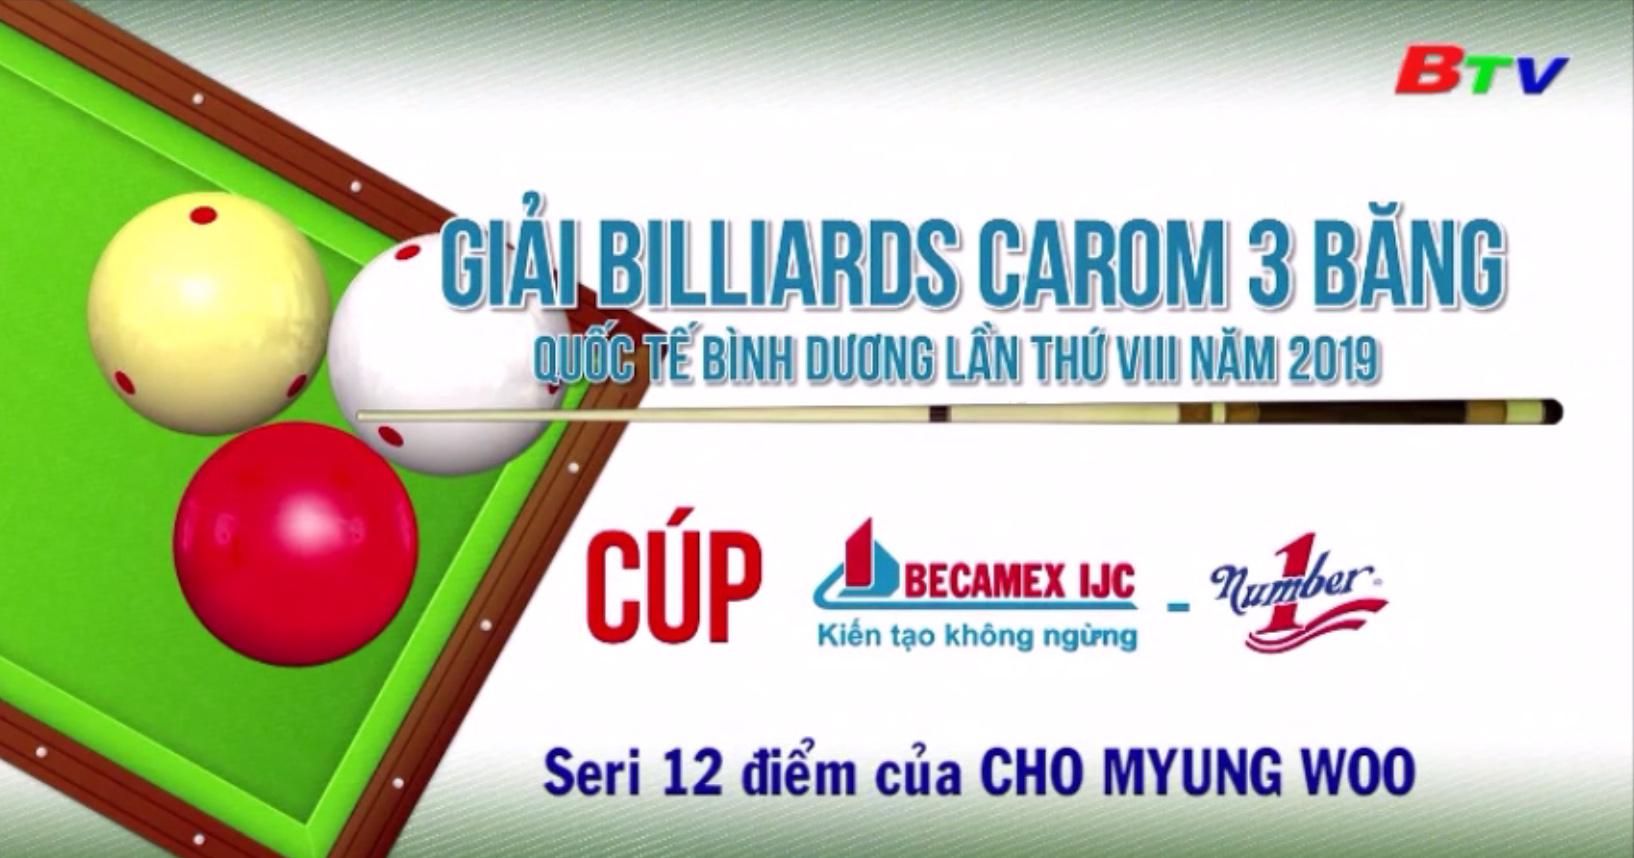 Seri 12 điểm của Cho Myung Woo tại Giải Billiards Carom 3 băng QTBD 2019